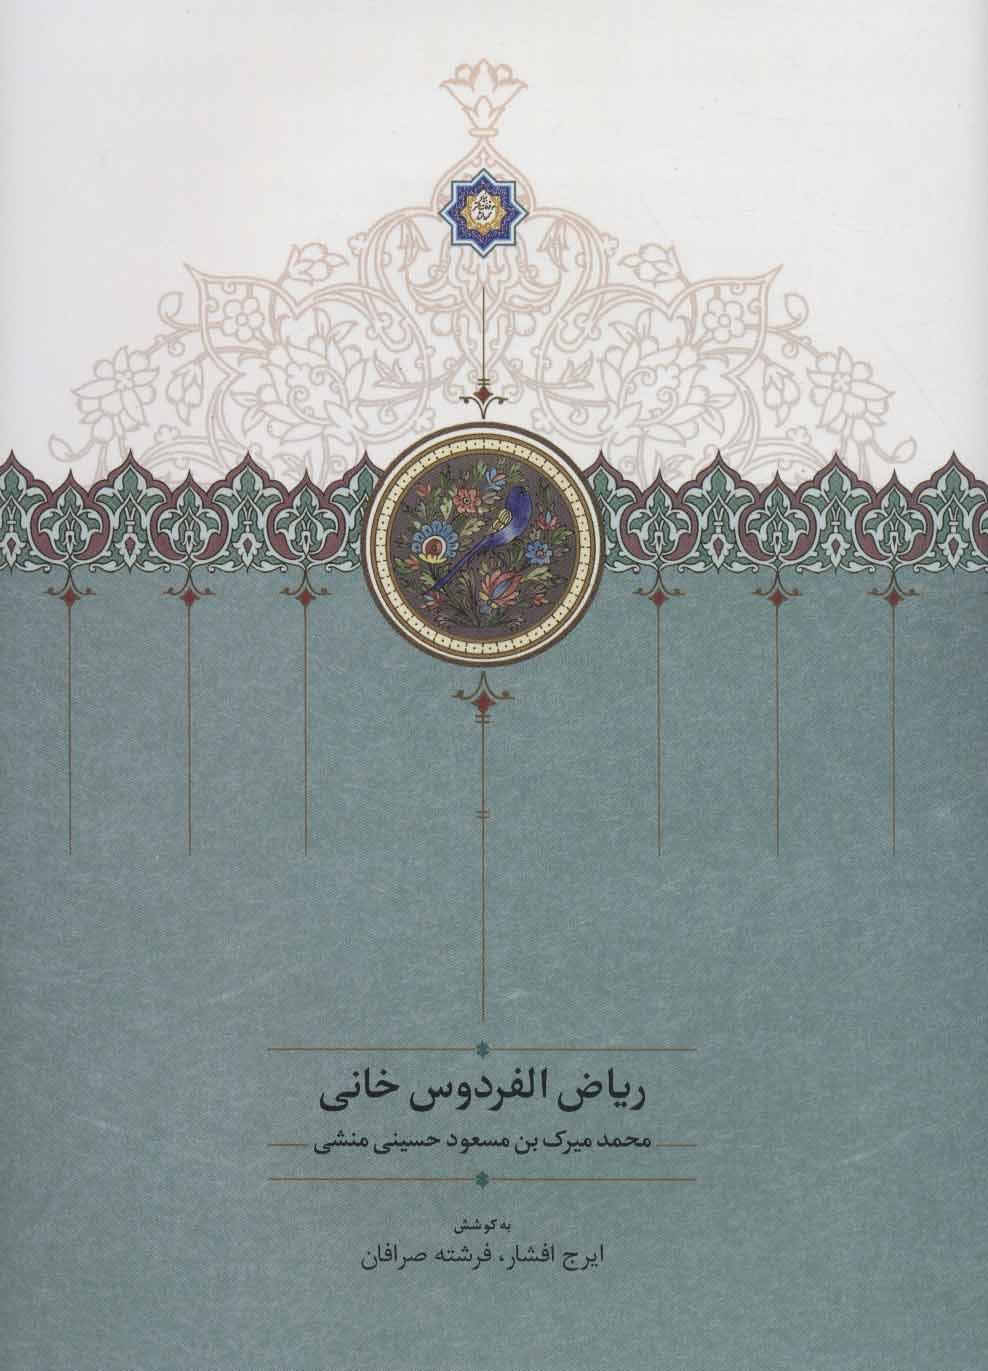 کتاب ریاضالفردوس خانی